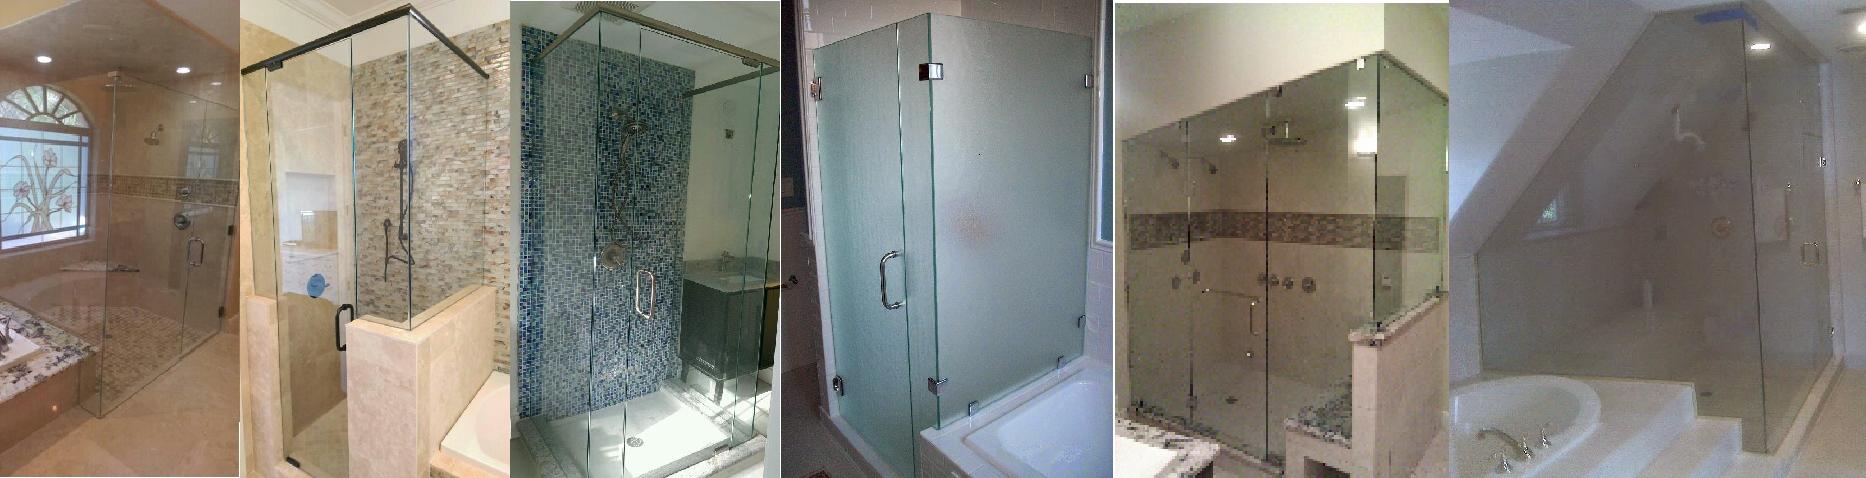 Frameless Glass Shower Doors Apopka